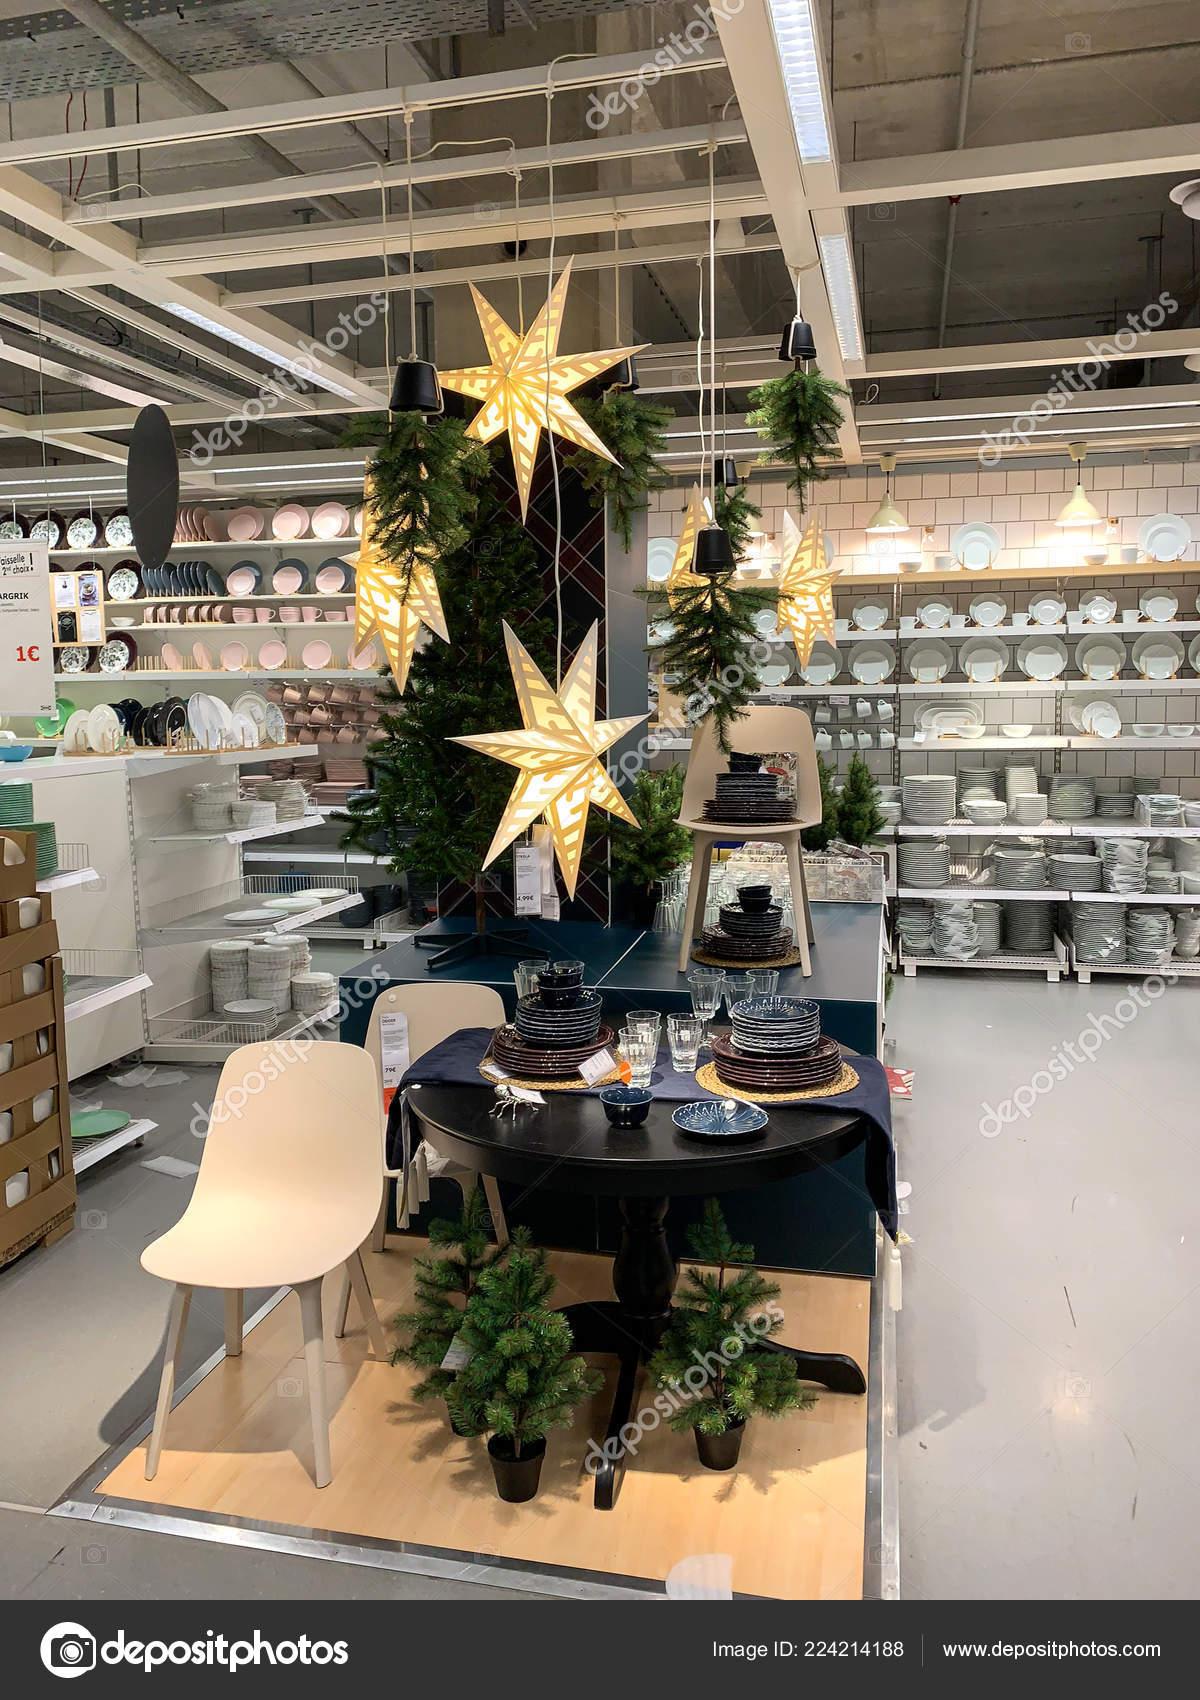 Albero Di Natale Ikea 2018.Negozio Di Mobili Di Ikea Con Albero Di Natale E Decorazioni Foto